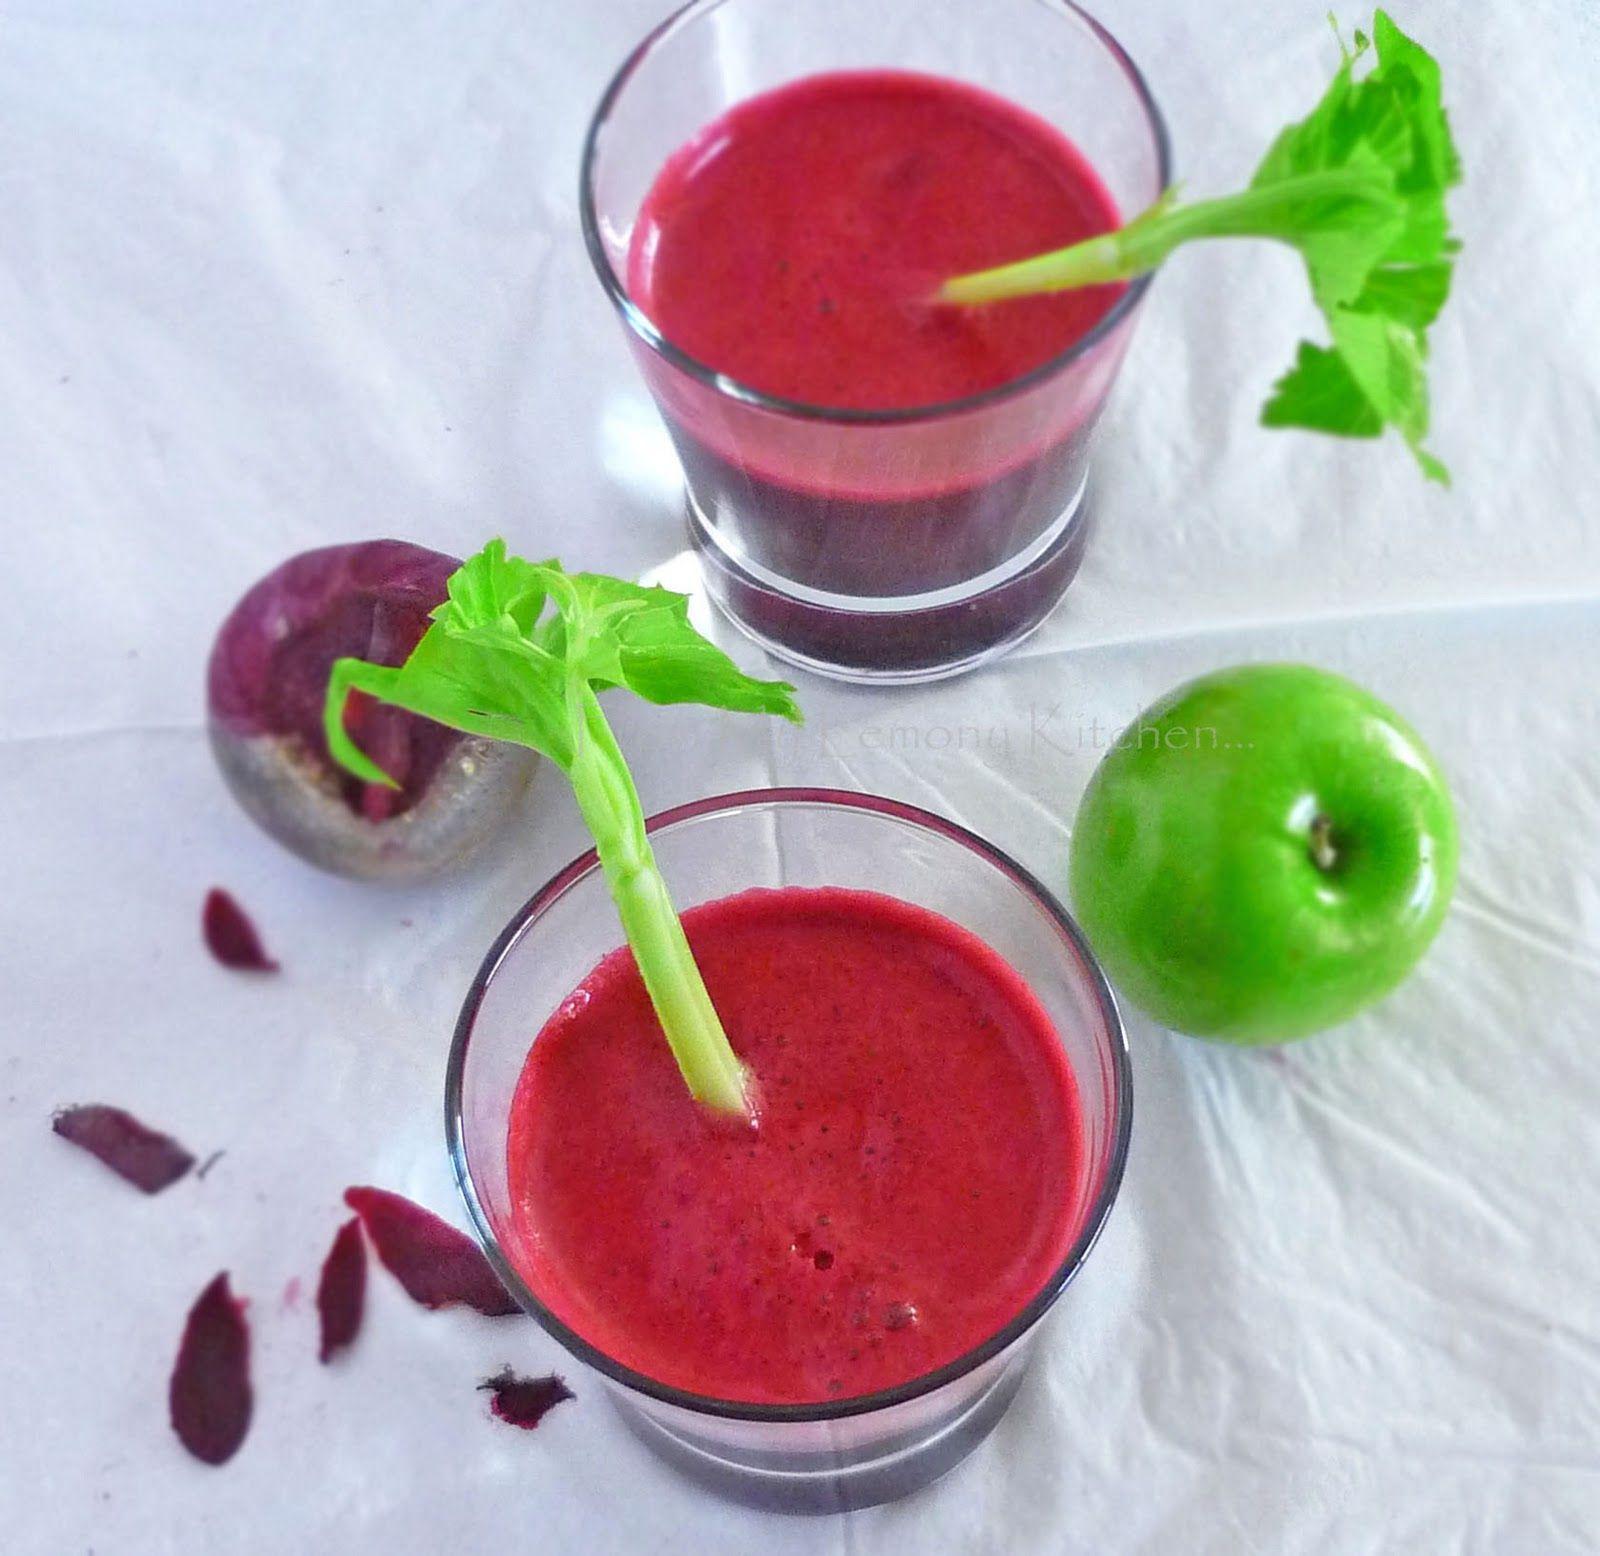 beetroot juice 3_edited-1